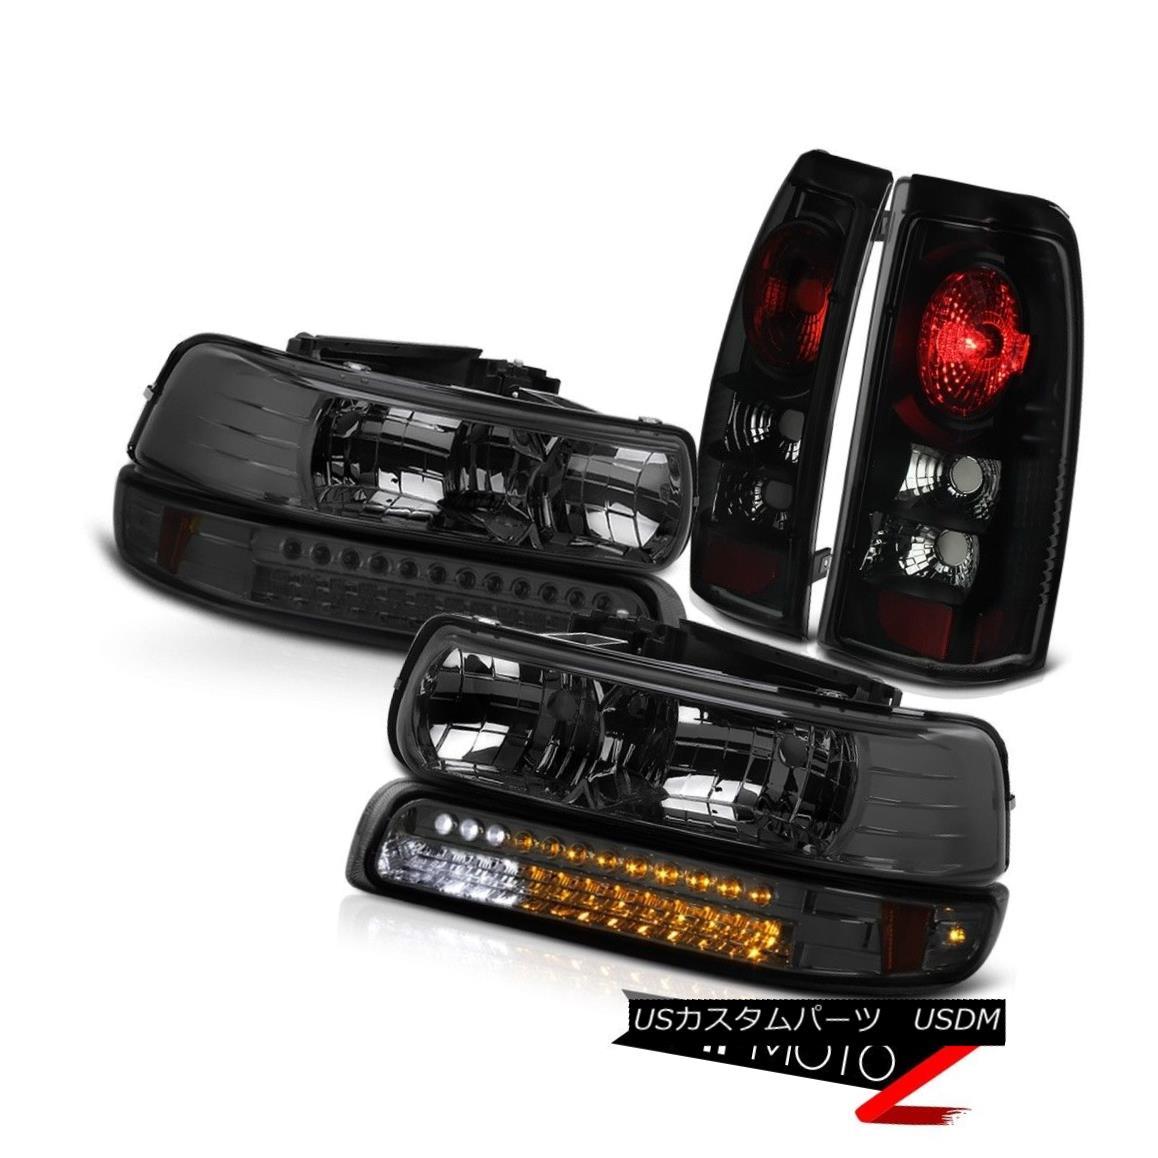 テールライト 99 00 01 02 Silverado 1500 Headlight LED Smoke Bumper Lamps Black Tail Lights 99 00 01 02 Silverado 1500ヘッドライトLEDスモークバンパーランプブラックテールライト